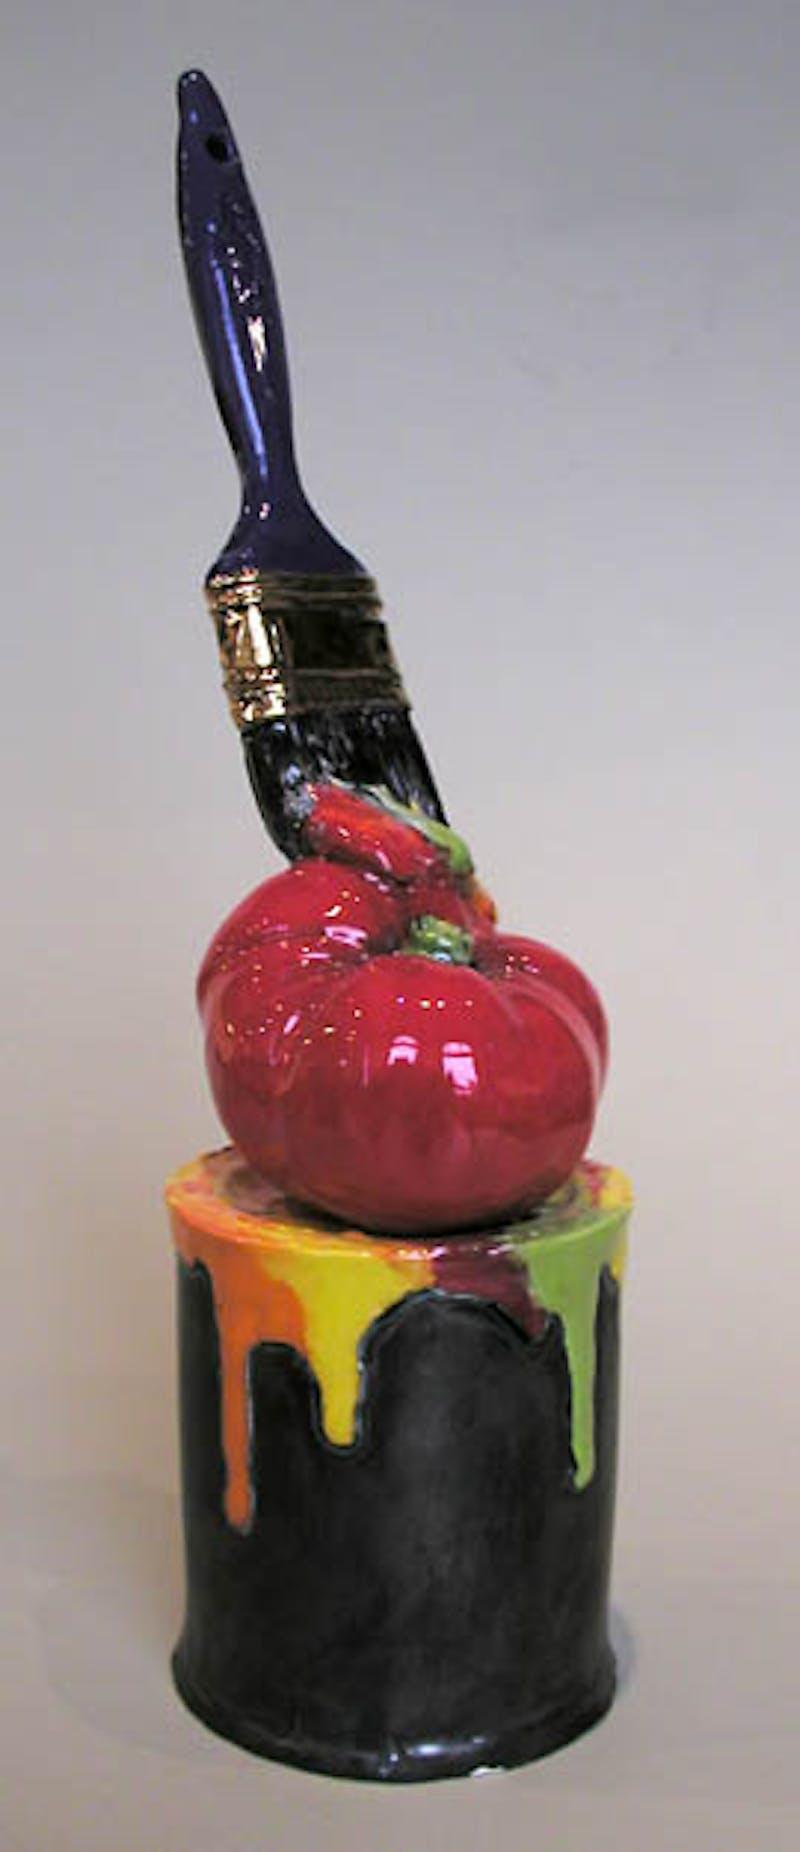 Paintbrush Tomato Image 1